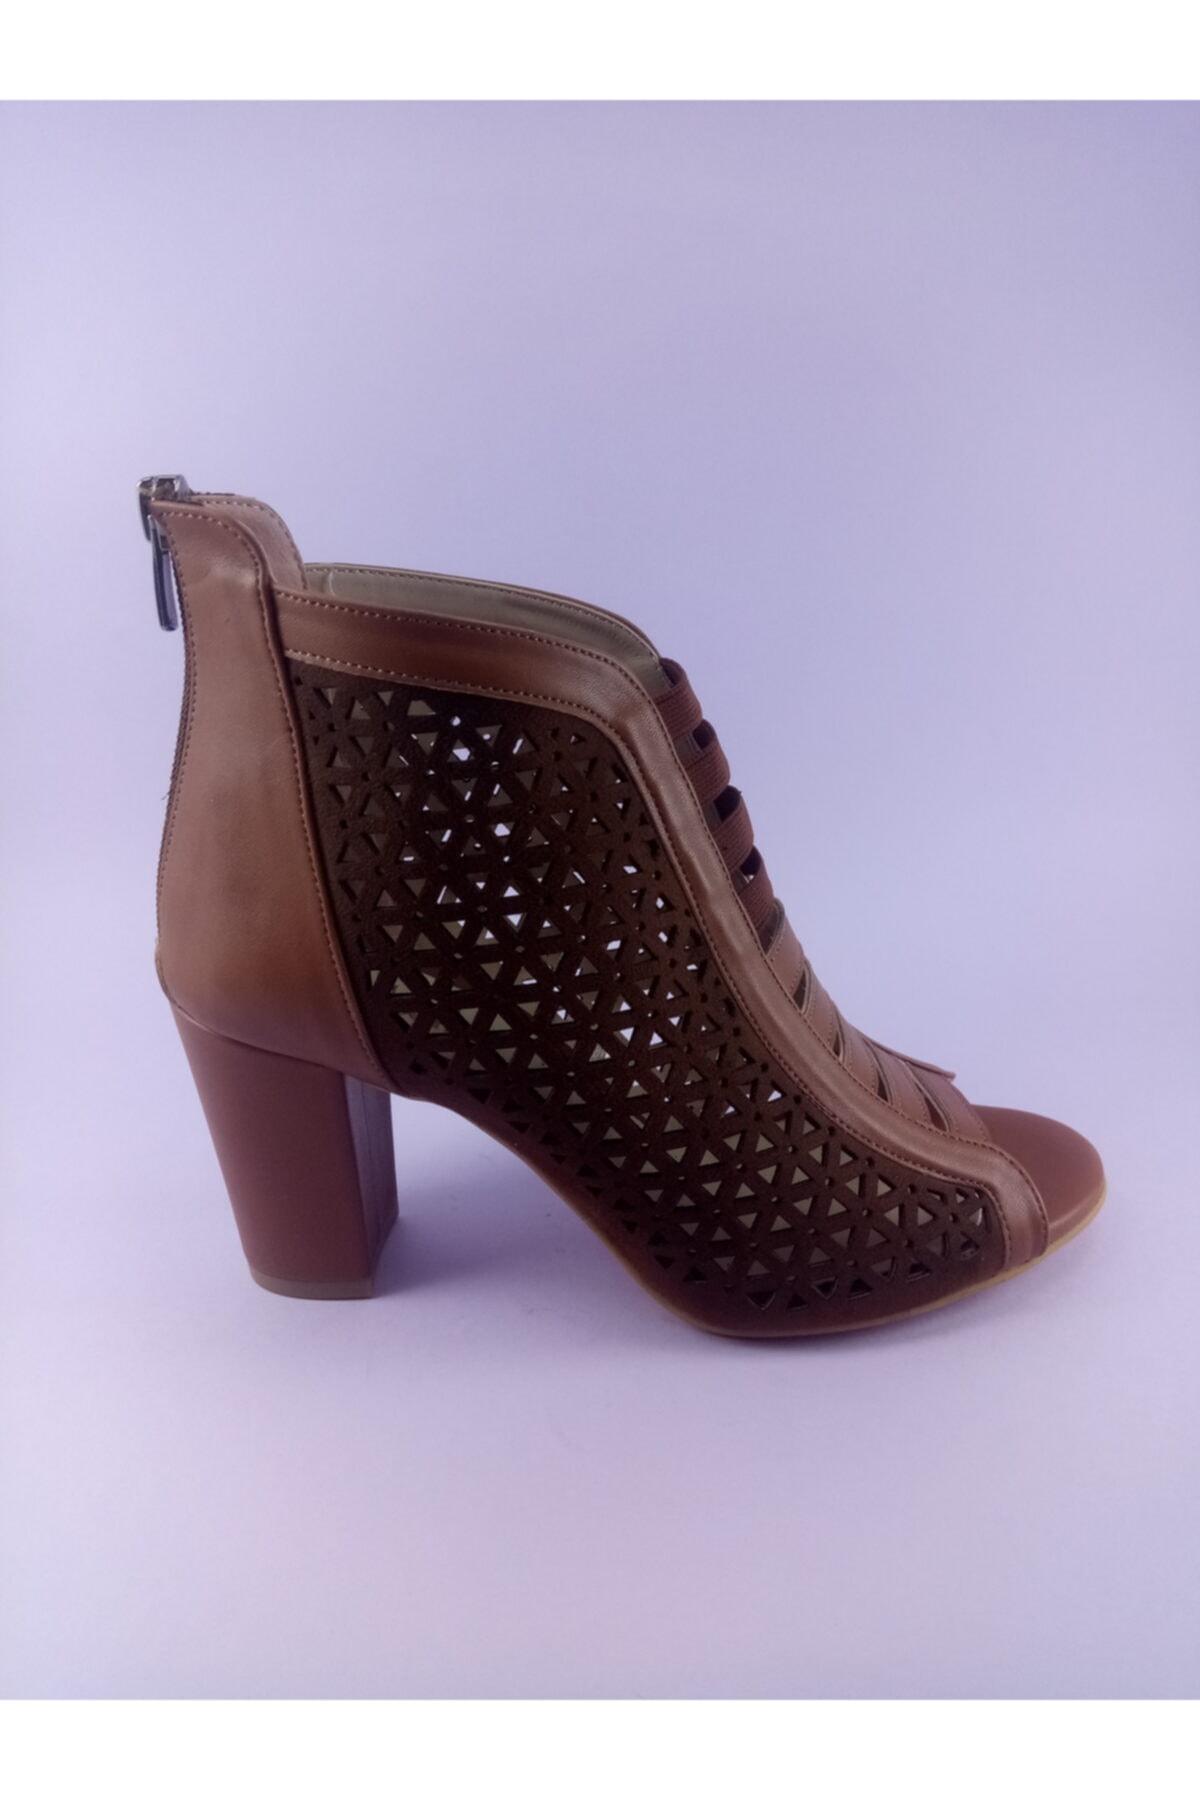 Stella Topuklu Kadın Ayakkabı 2